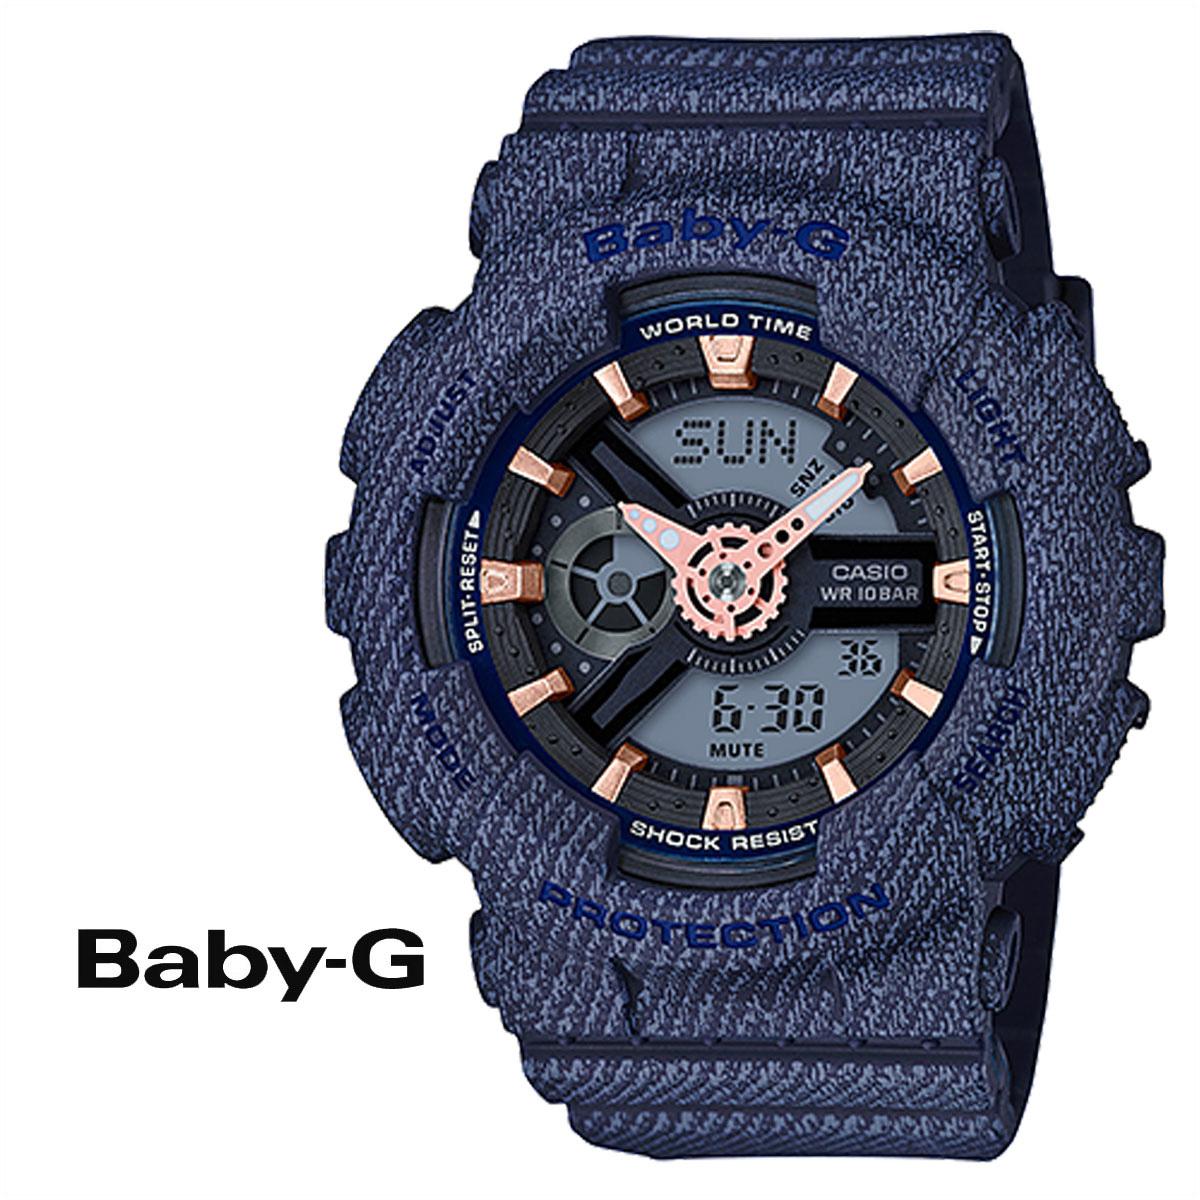 【最大2000円OFFクーポン】 カシオ CASIO BABY-G 腕時計 時計 BA-110DE-2A1JF BABY G ベビージー ベビーG デニム ネイビー レディース 防水